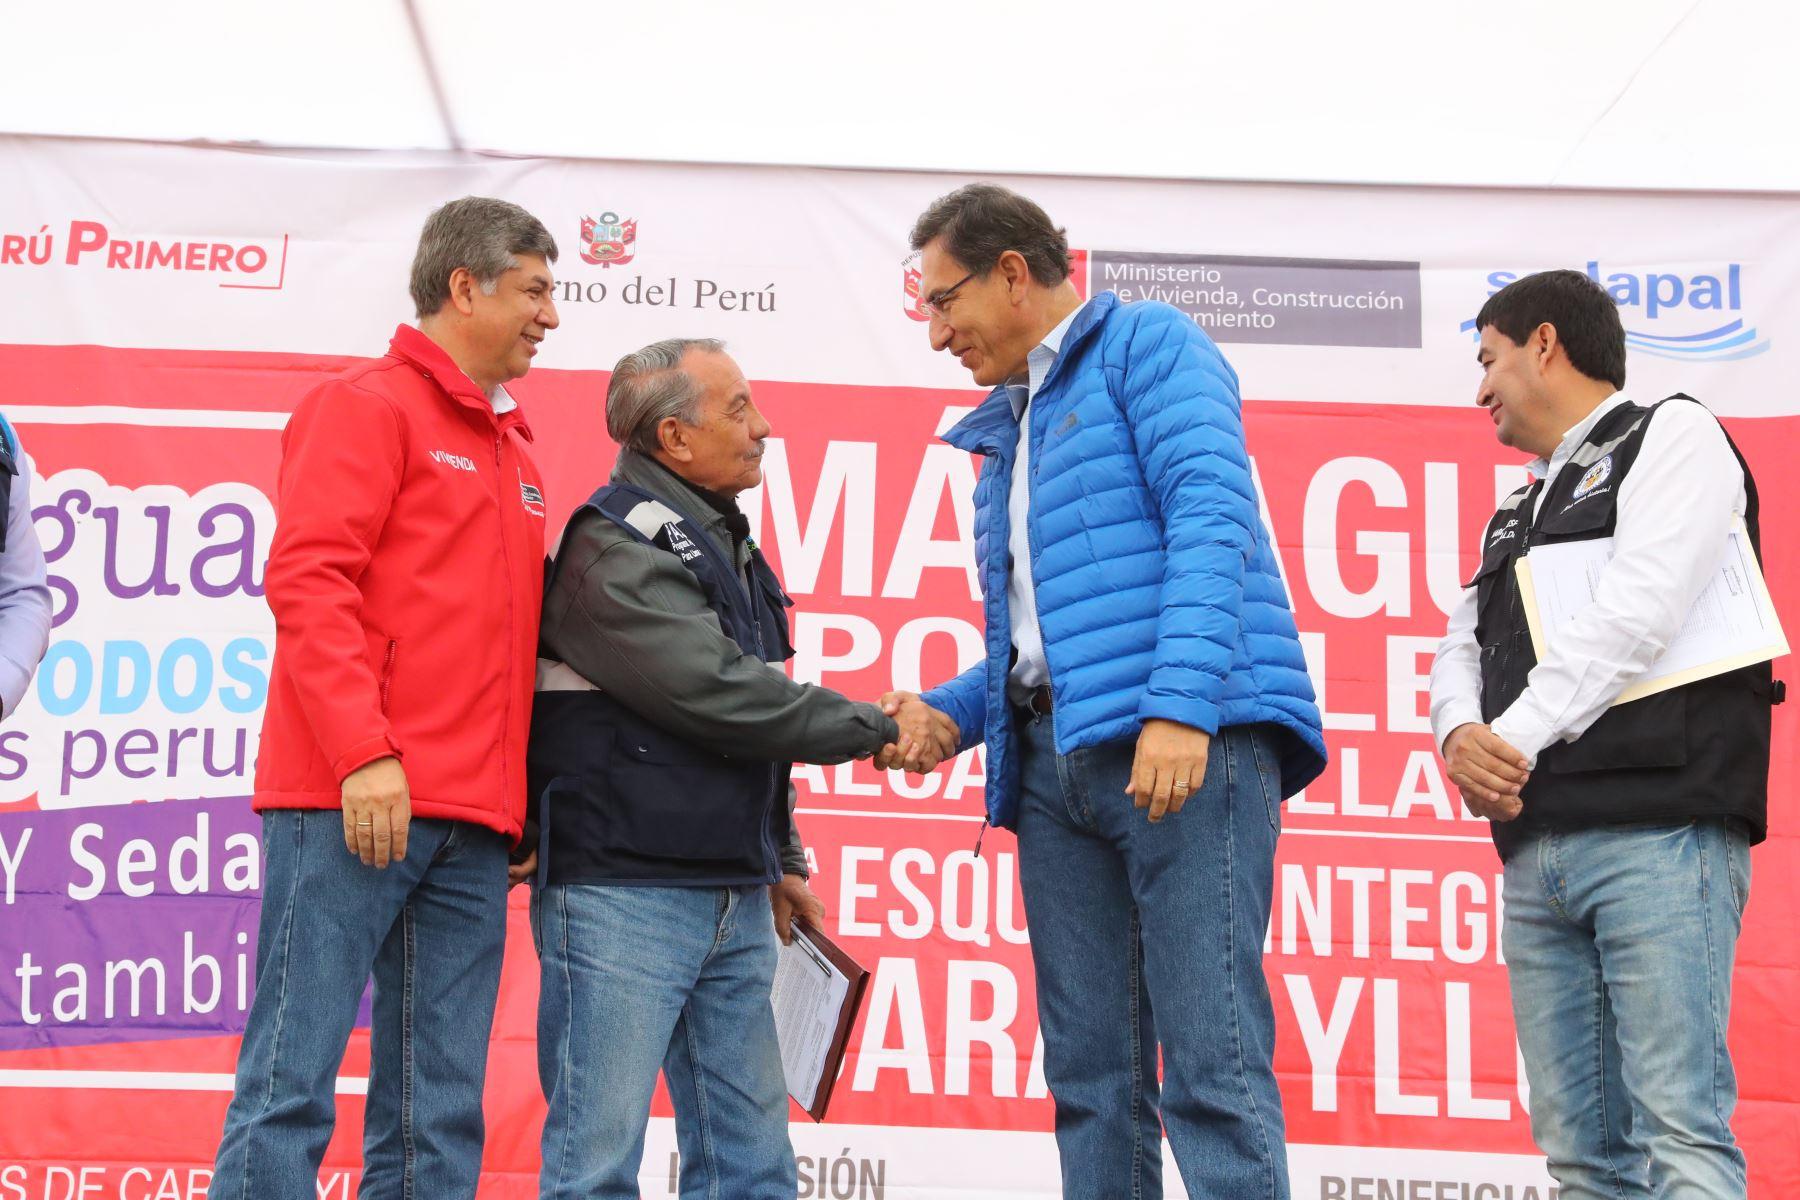 Presidente Martín Vizcarra anuncia  ampliar y mejorar los sistemas de agua potable y alcantarillado en Carabayllo. Este  proyecto esperado por más de 25 años, beneficiará a más de 140 mil ciudadanos. Foto: ANDINA/ Prensa Presidencia